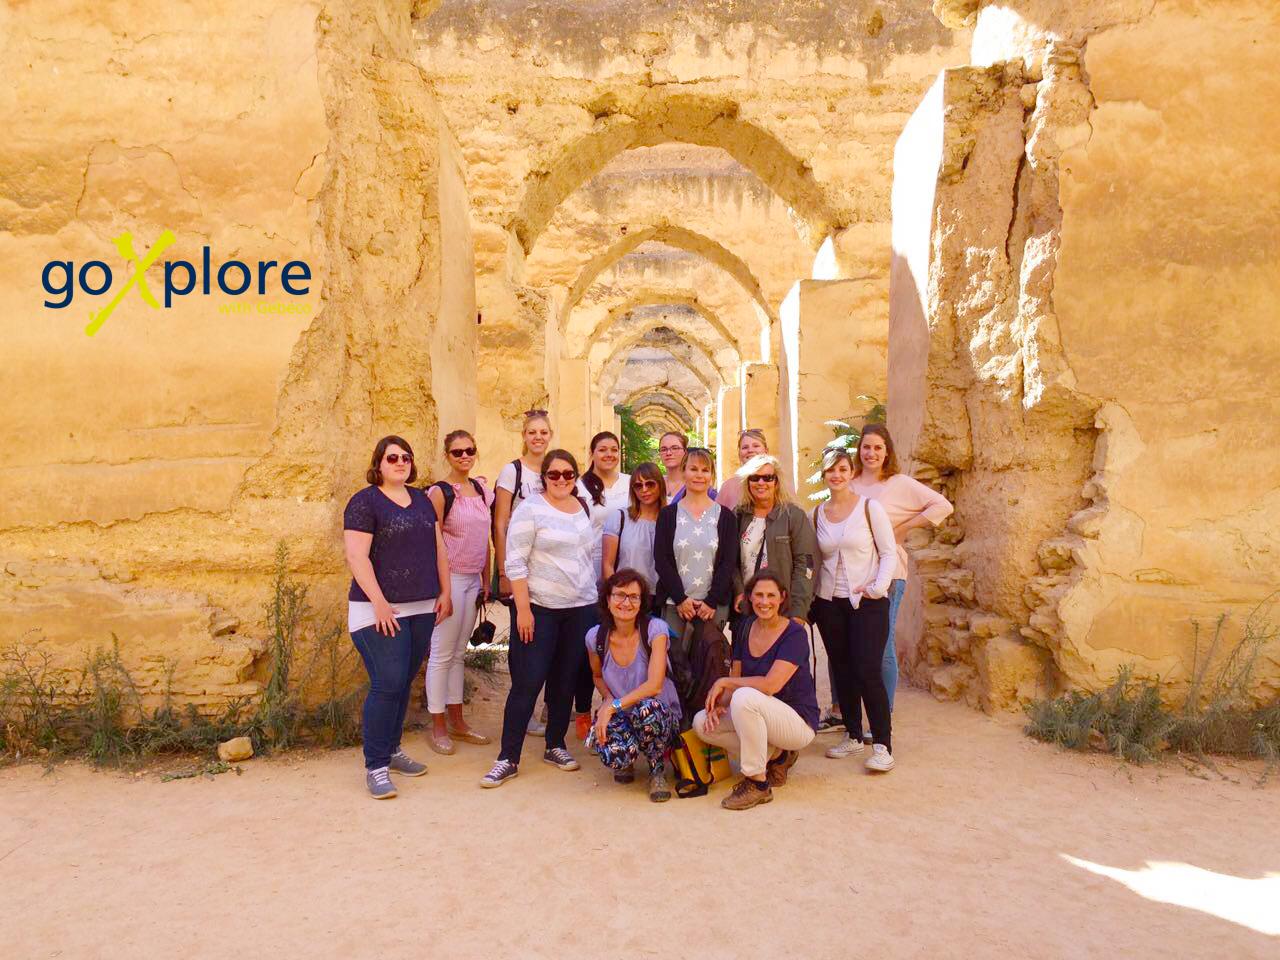 Mit goXplore erlebten 12 Expedienten die marokkanische Wüste